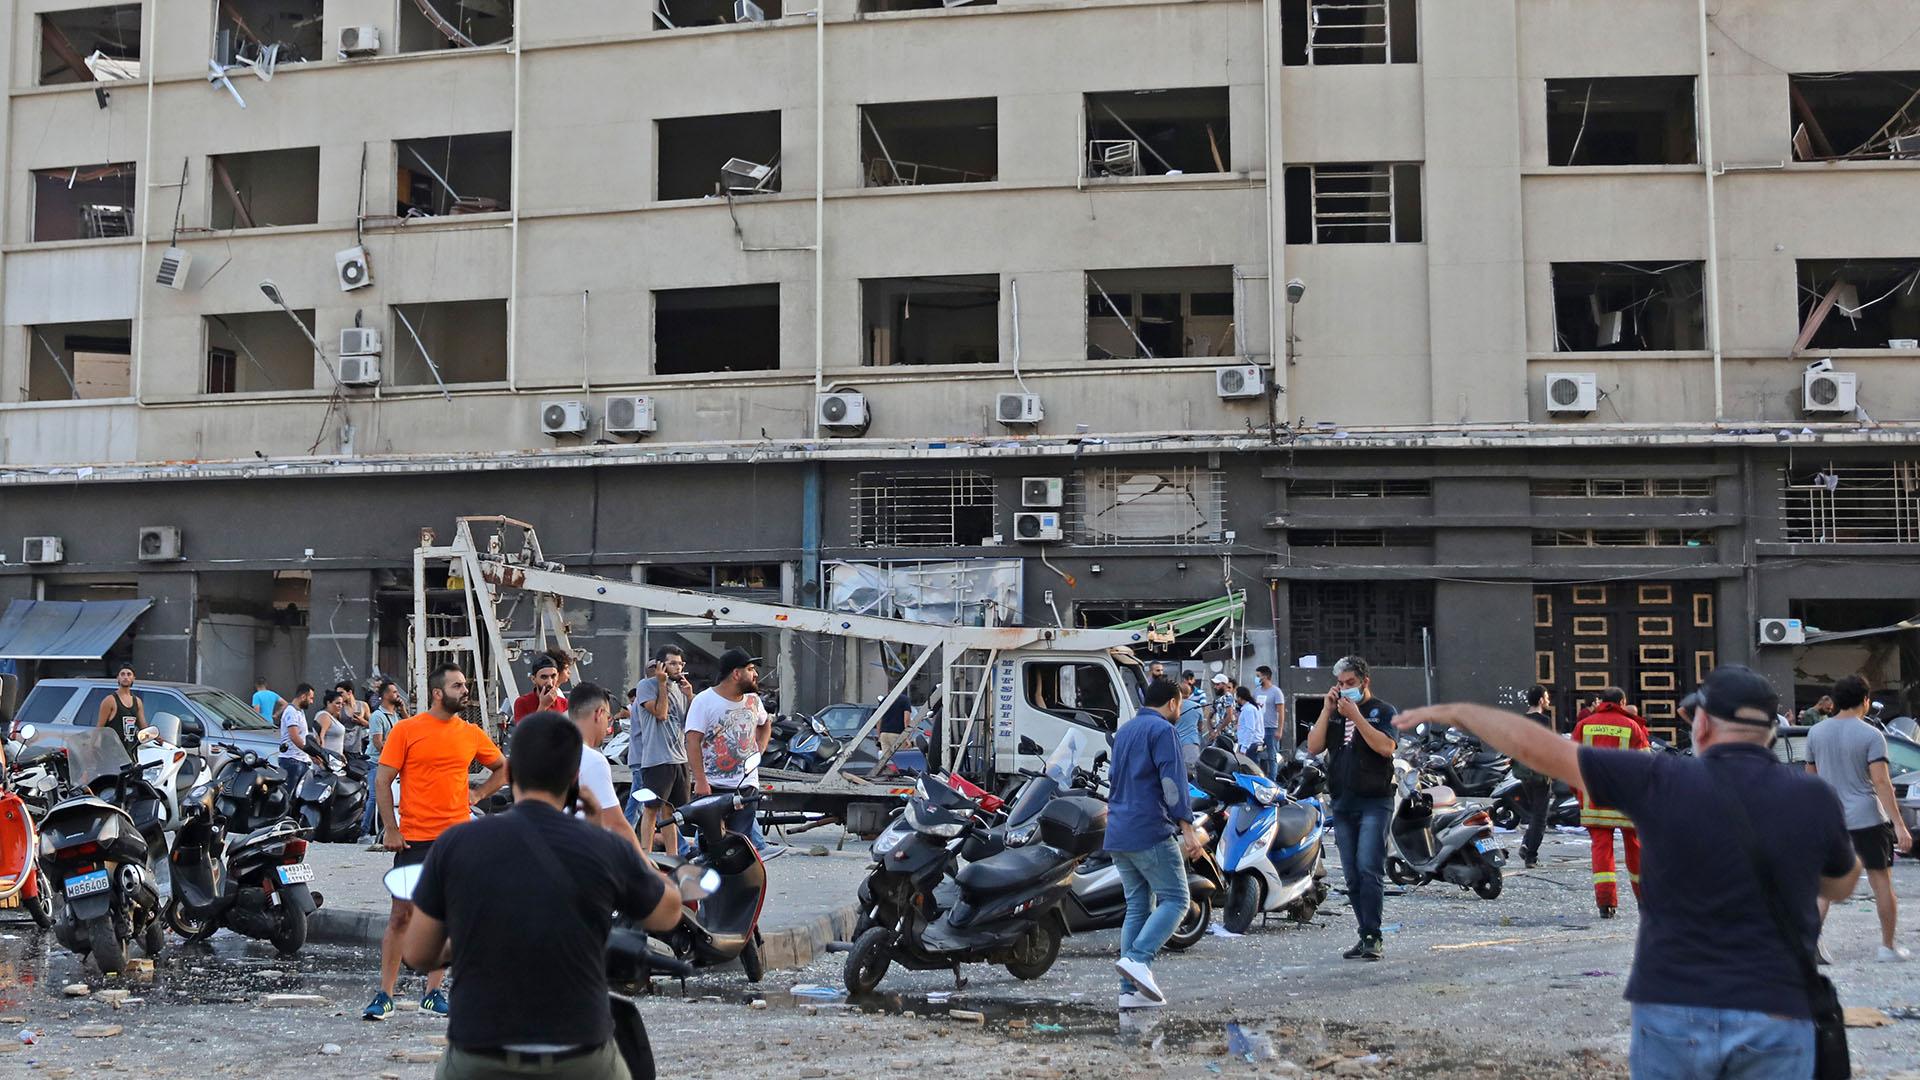 La explosión, que sacudió edificios enteros y rompió cristales, se sintió en varias partes de la ciudad (Foto de Anwar Amro/ AFP)